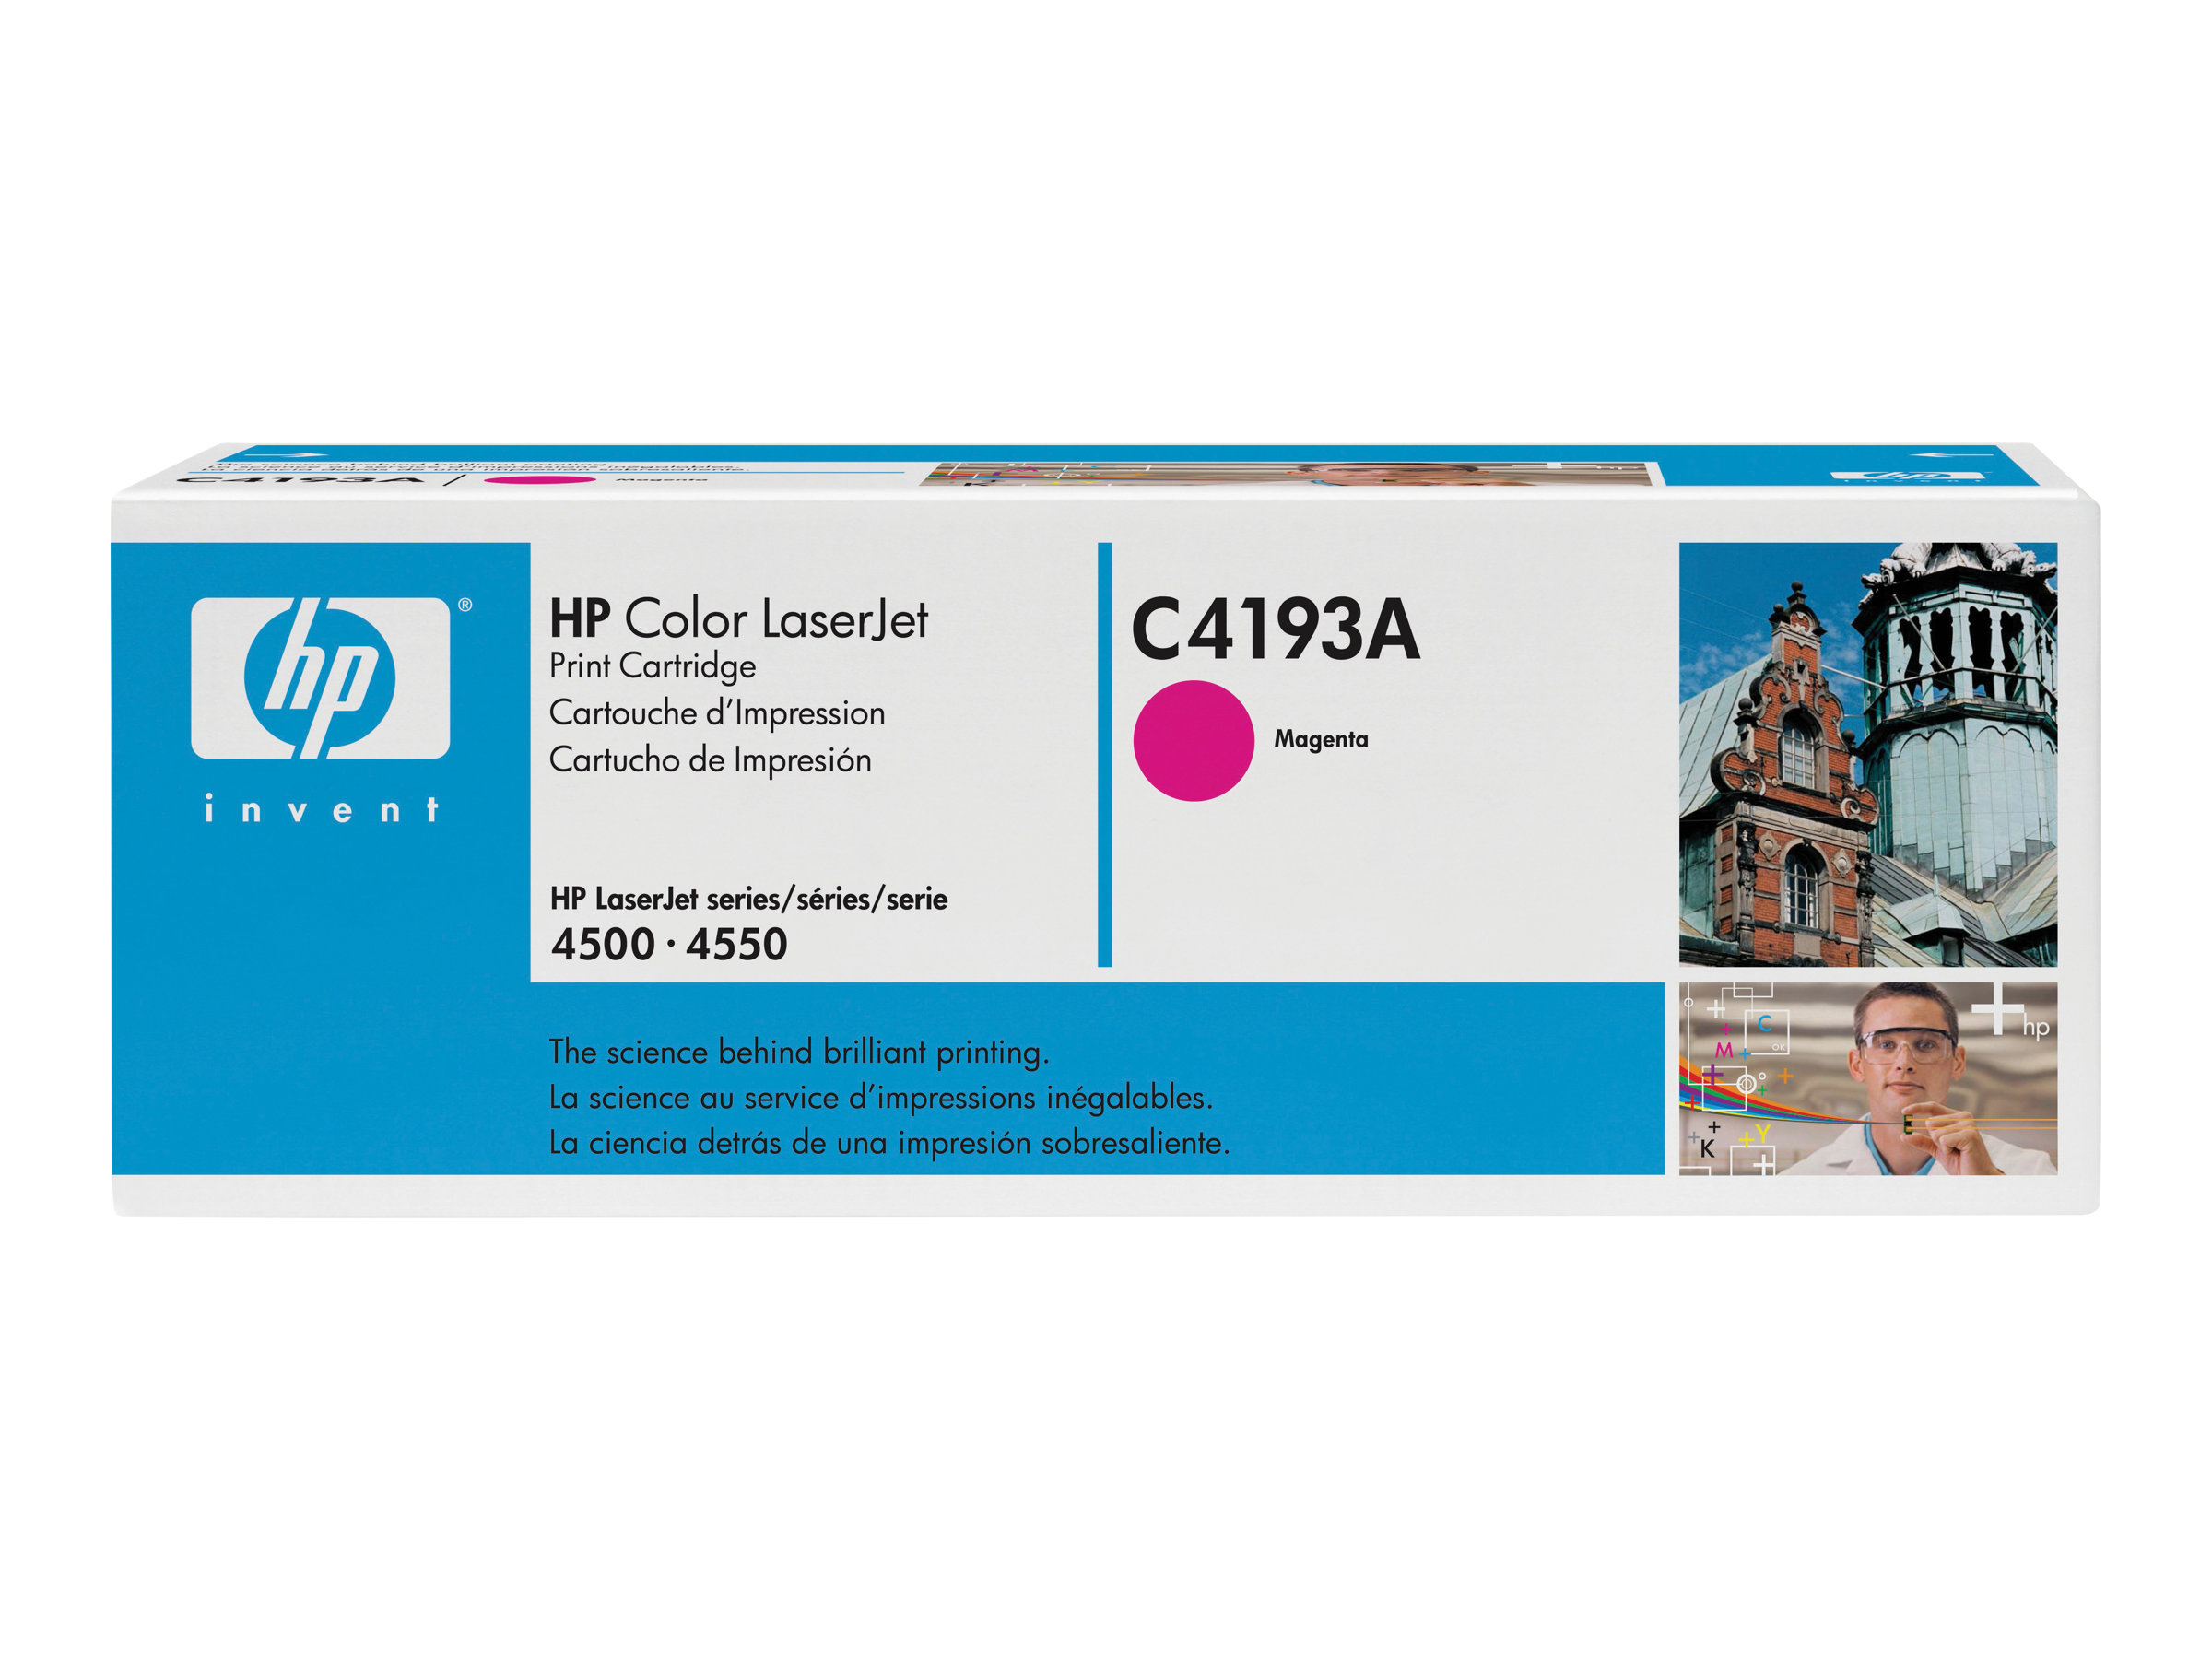 HP C4193A - Magenta - Original - LaserJet - Tonerpatrone (C4193A) - für Color LaserJet 4500, 4500dn, 4500n, 4550, 4550DN, 4550HD